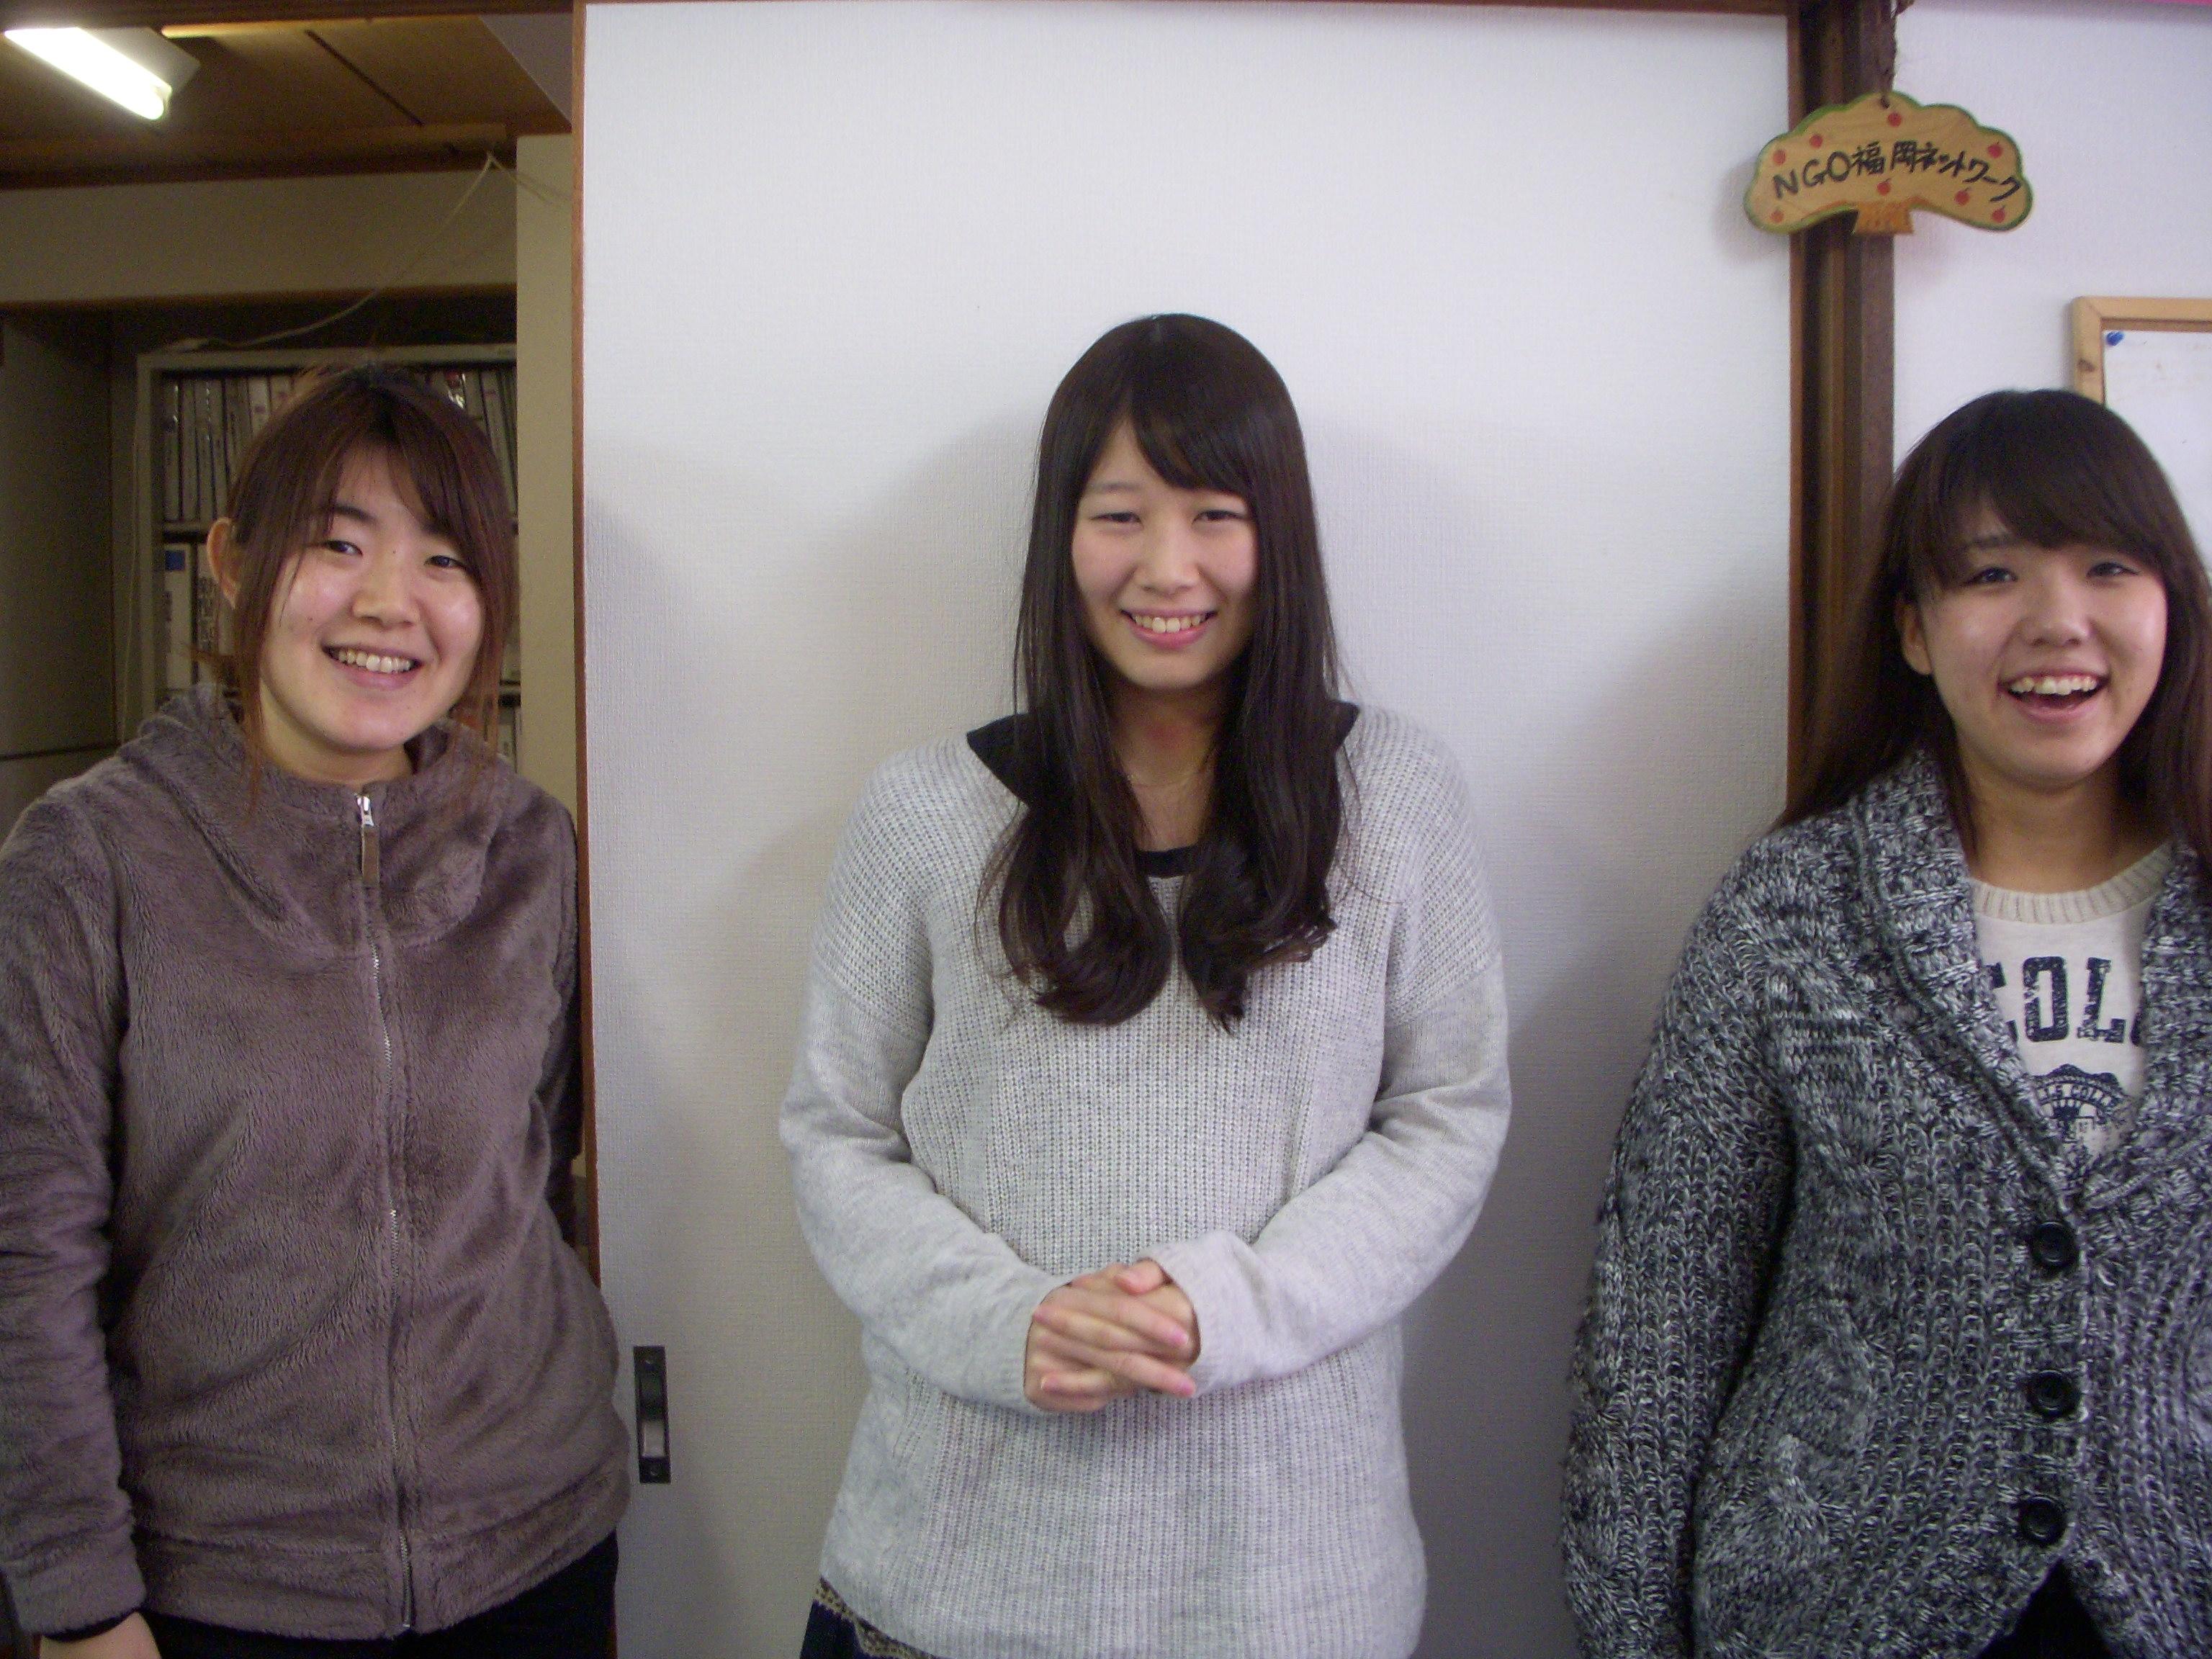 2014年度に参加したNGO福岡ネットワークインターンのみなさん